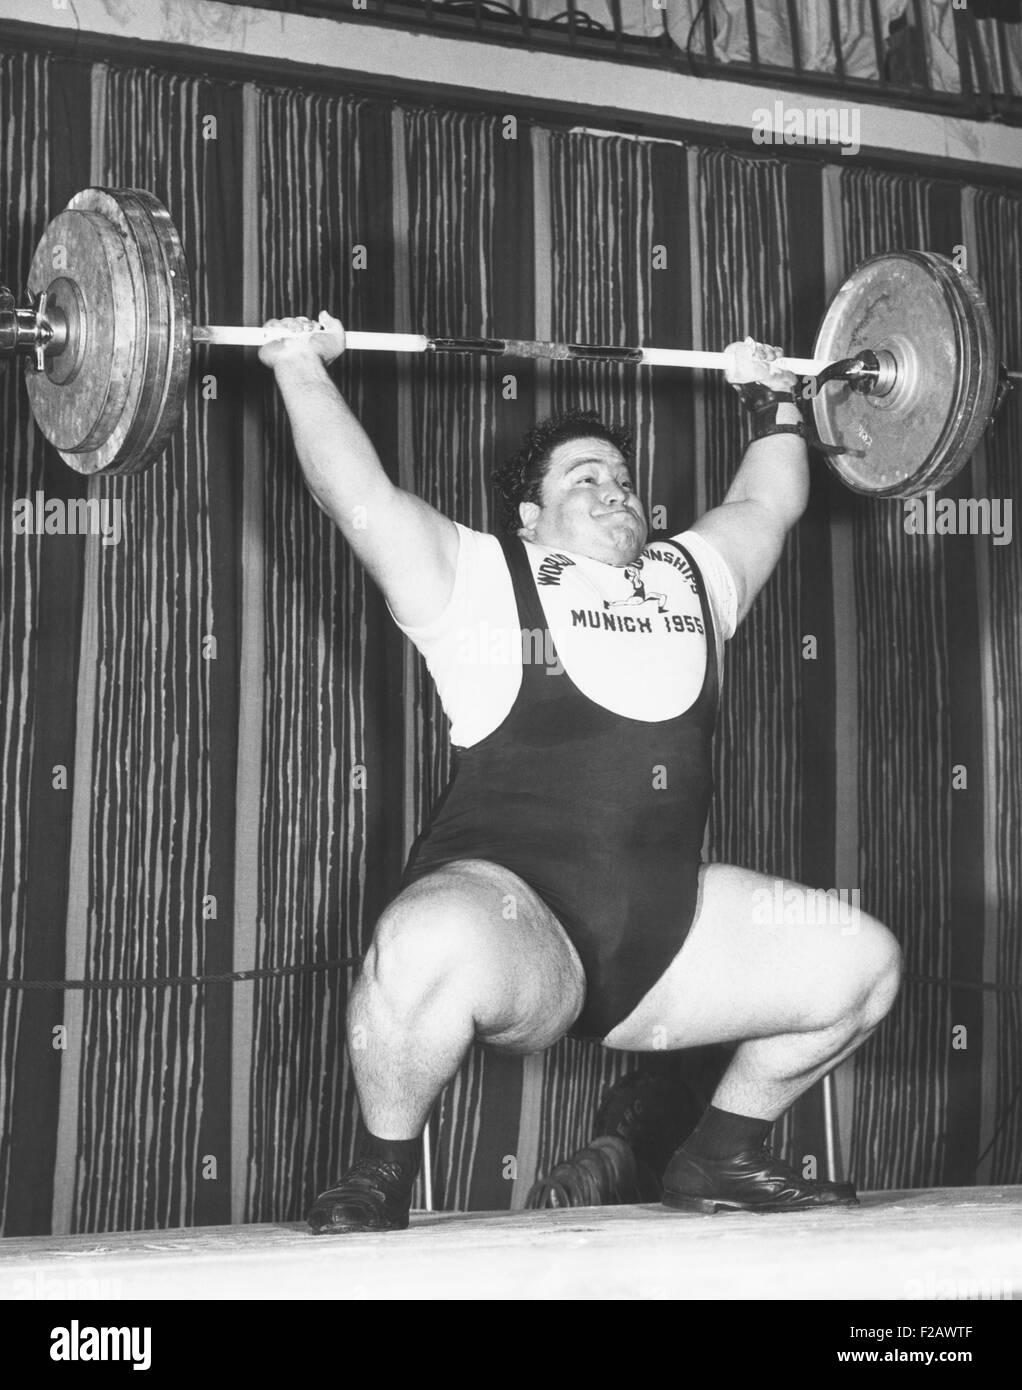 Paul Anderson hebt 320 Pfund während der 1955 Gewichtheben WM in München. 19. Oktober 1955. Er gewann Stockbild